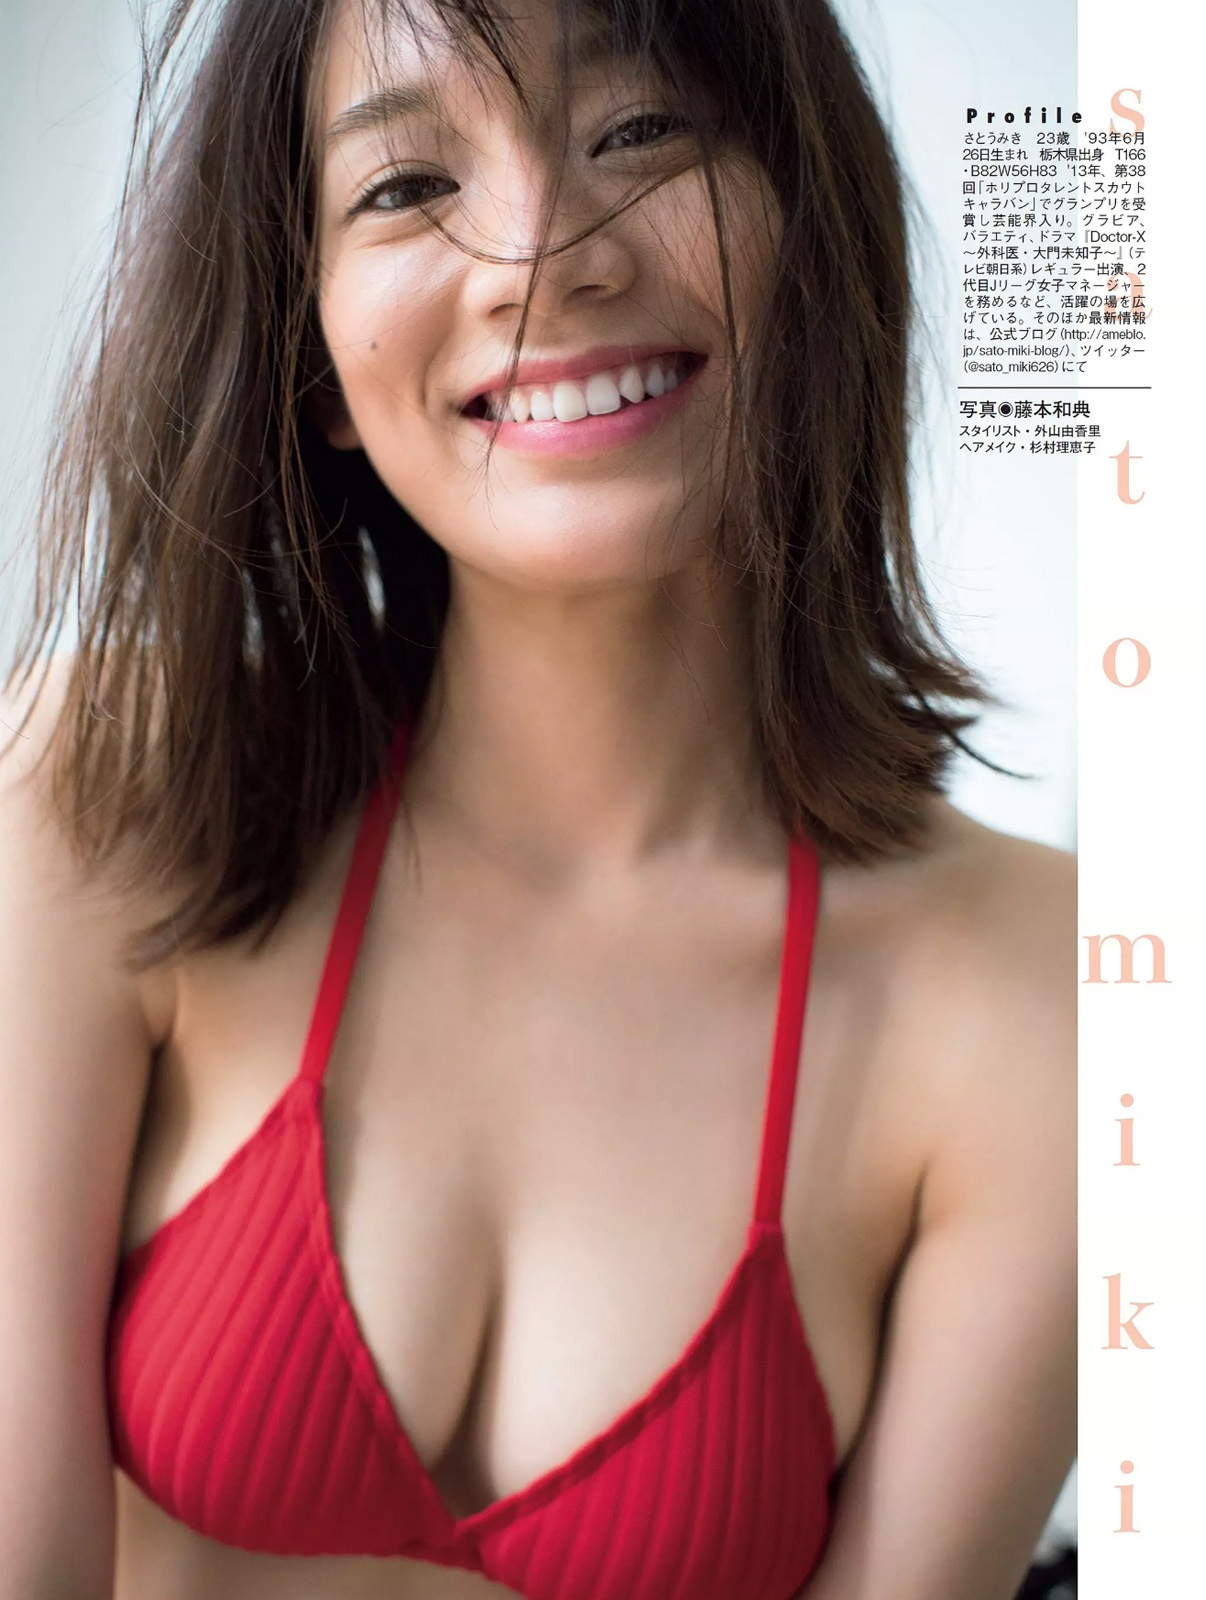 【極上】佐藤美希とかいう美人モデルのカラダが極上過ぎると話題になってるぞ(〃ω〃)モェ!!ww×51P 表紙